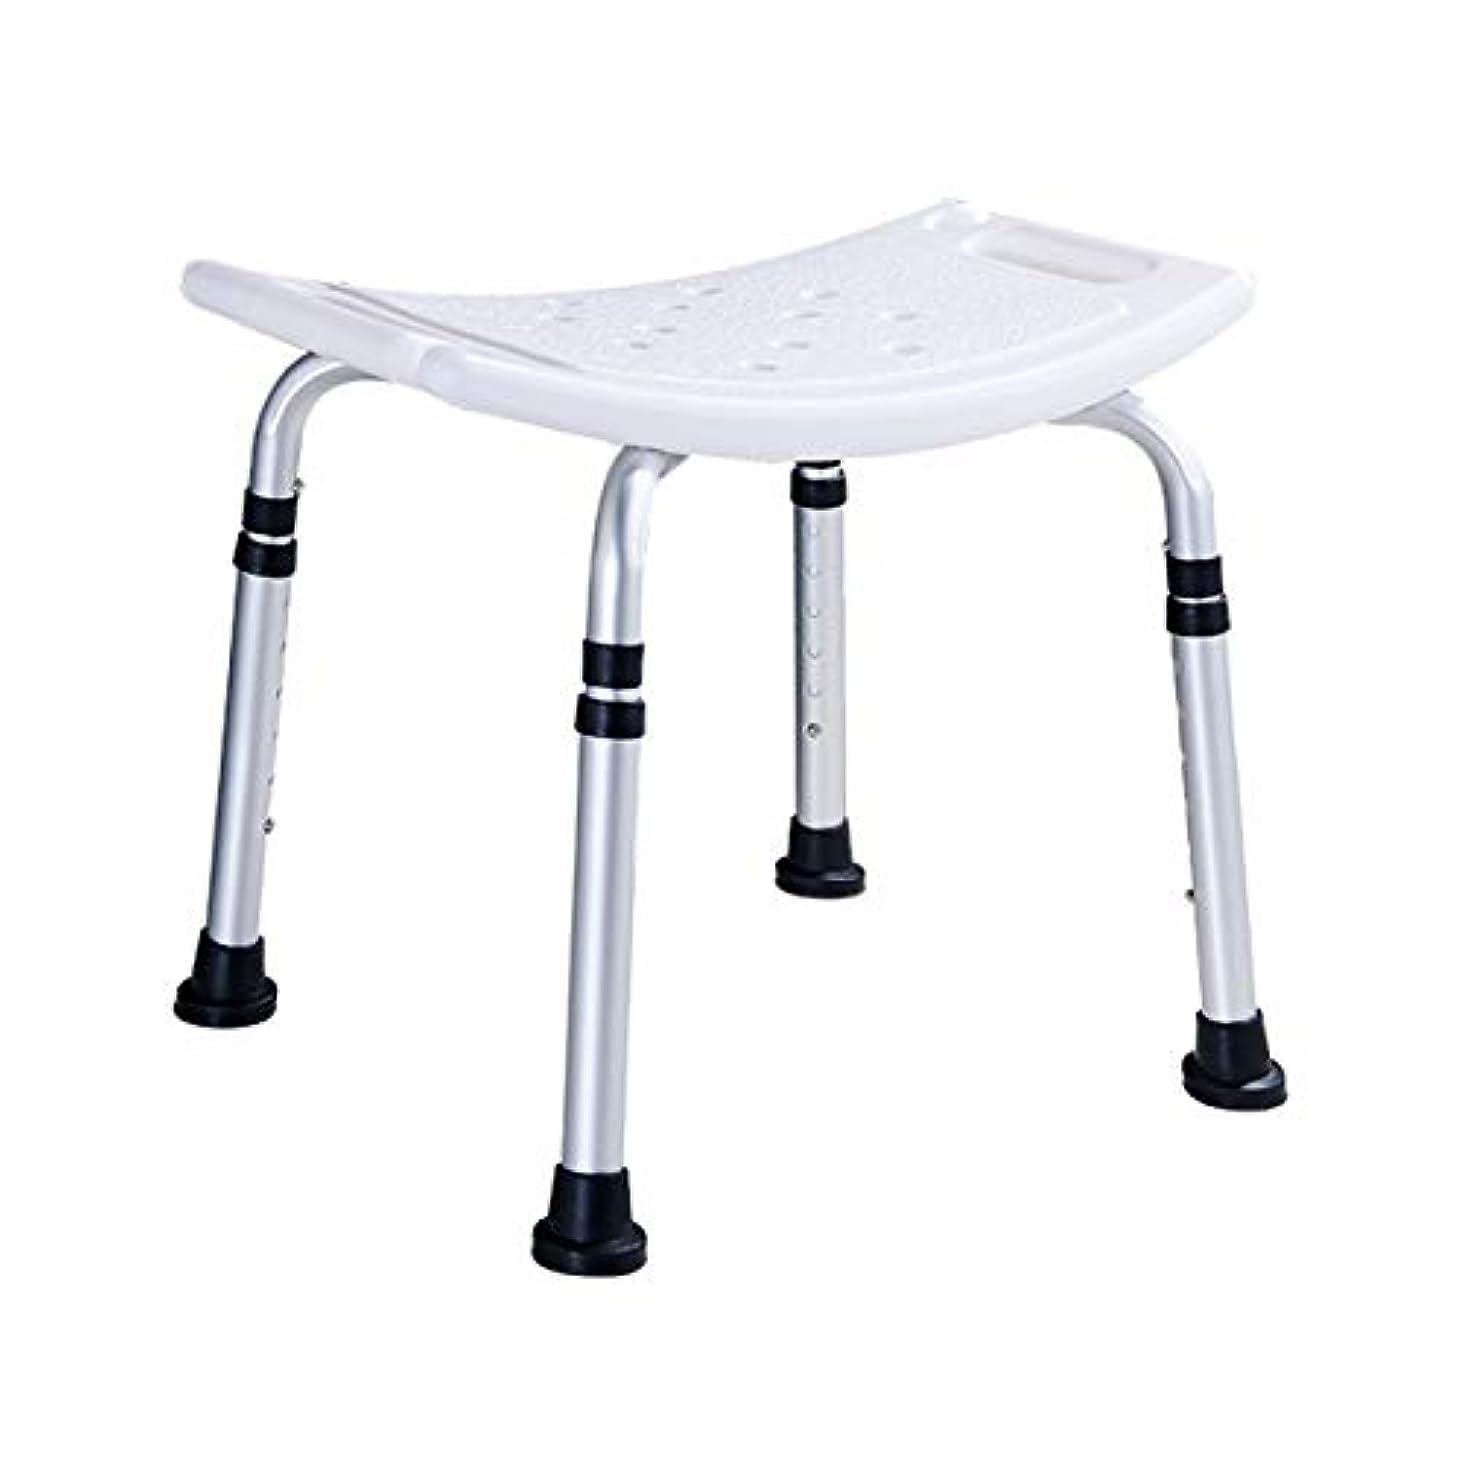 モルヒネ明らか計算する浴槽/シャワーチェア、高さ調節可能な脚付きバスルームシート、エルゴノミックスツール排水管スリップ成人/高齢者/身体障害者